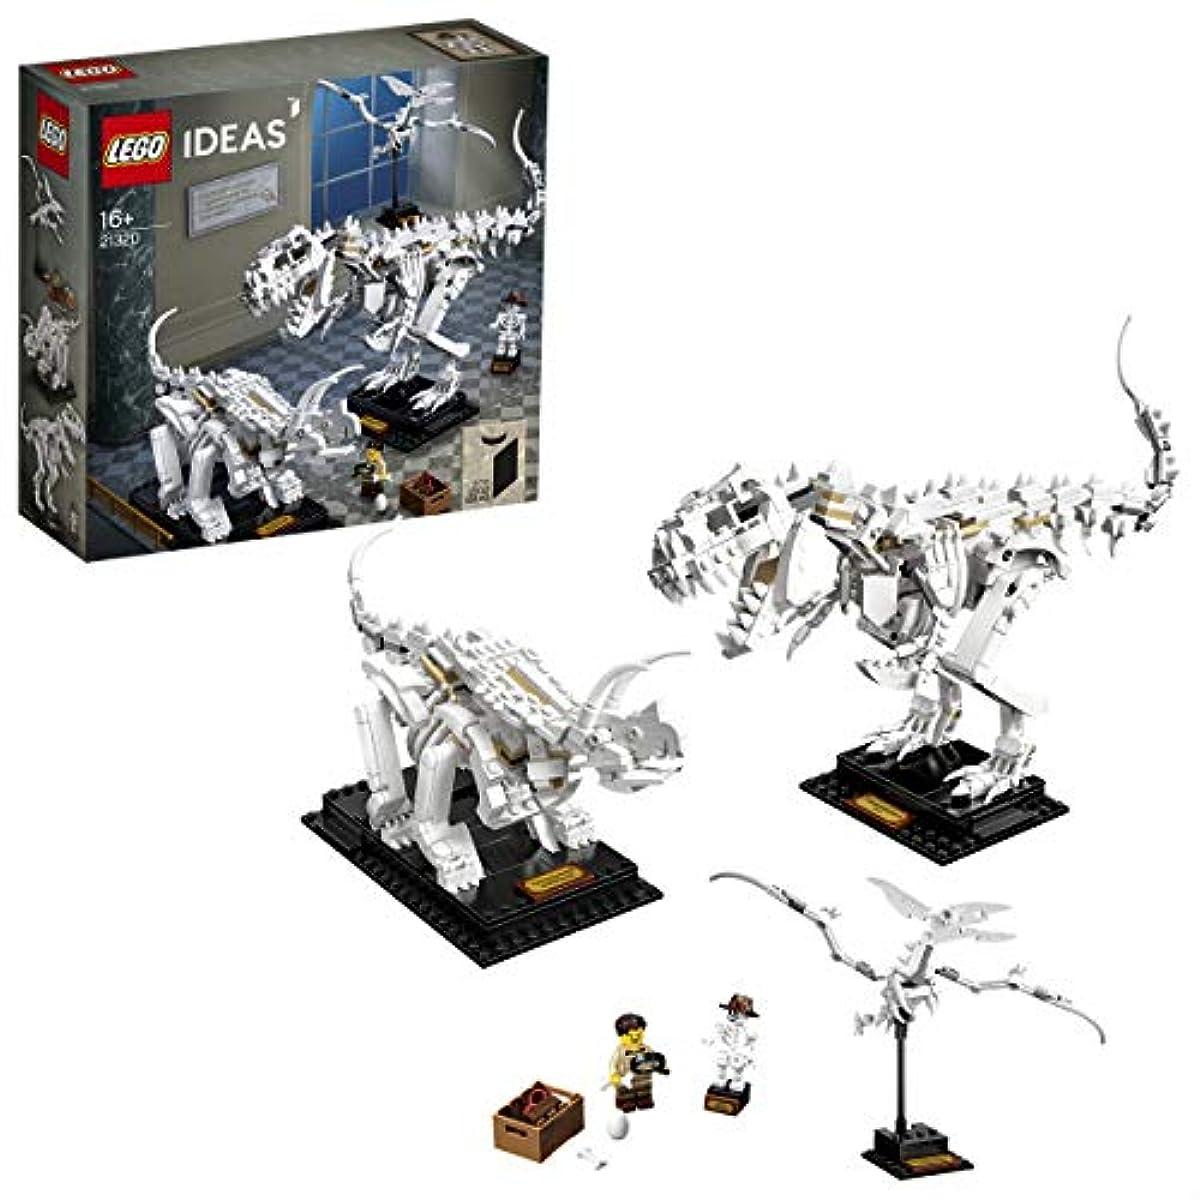 [해외] 레고(LEGO) 아이디어 공룡의 화석 21320